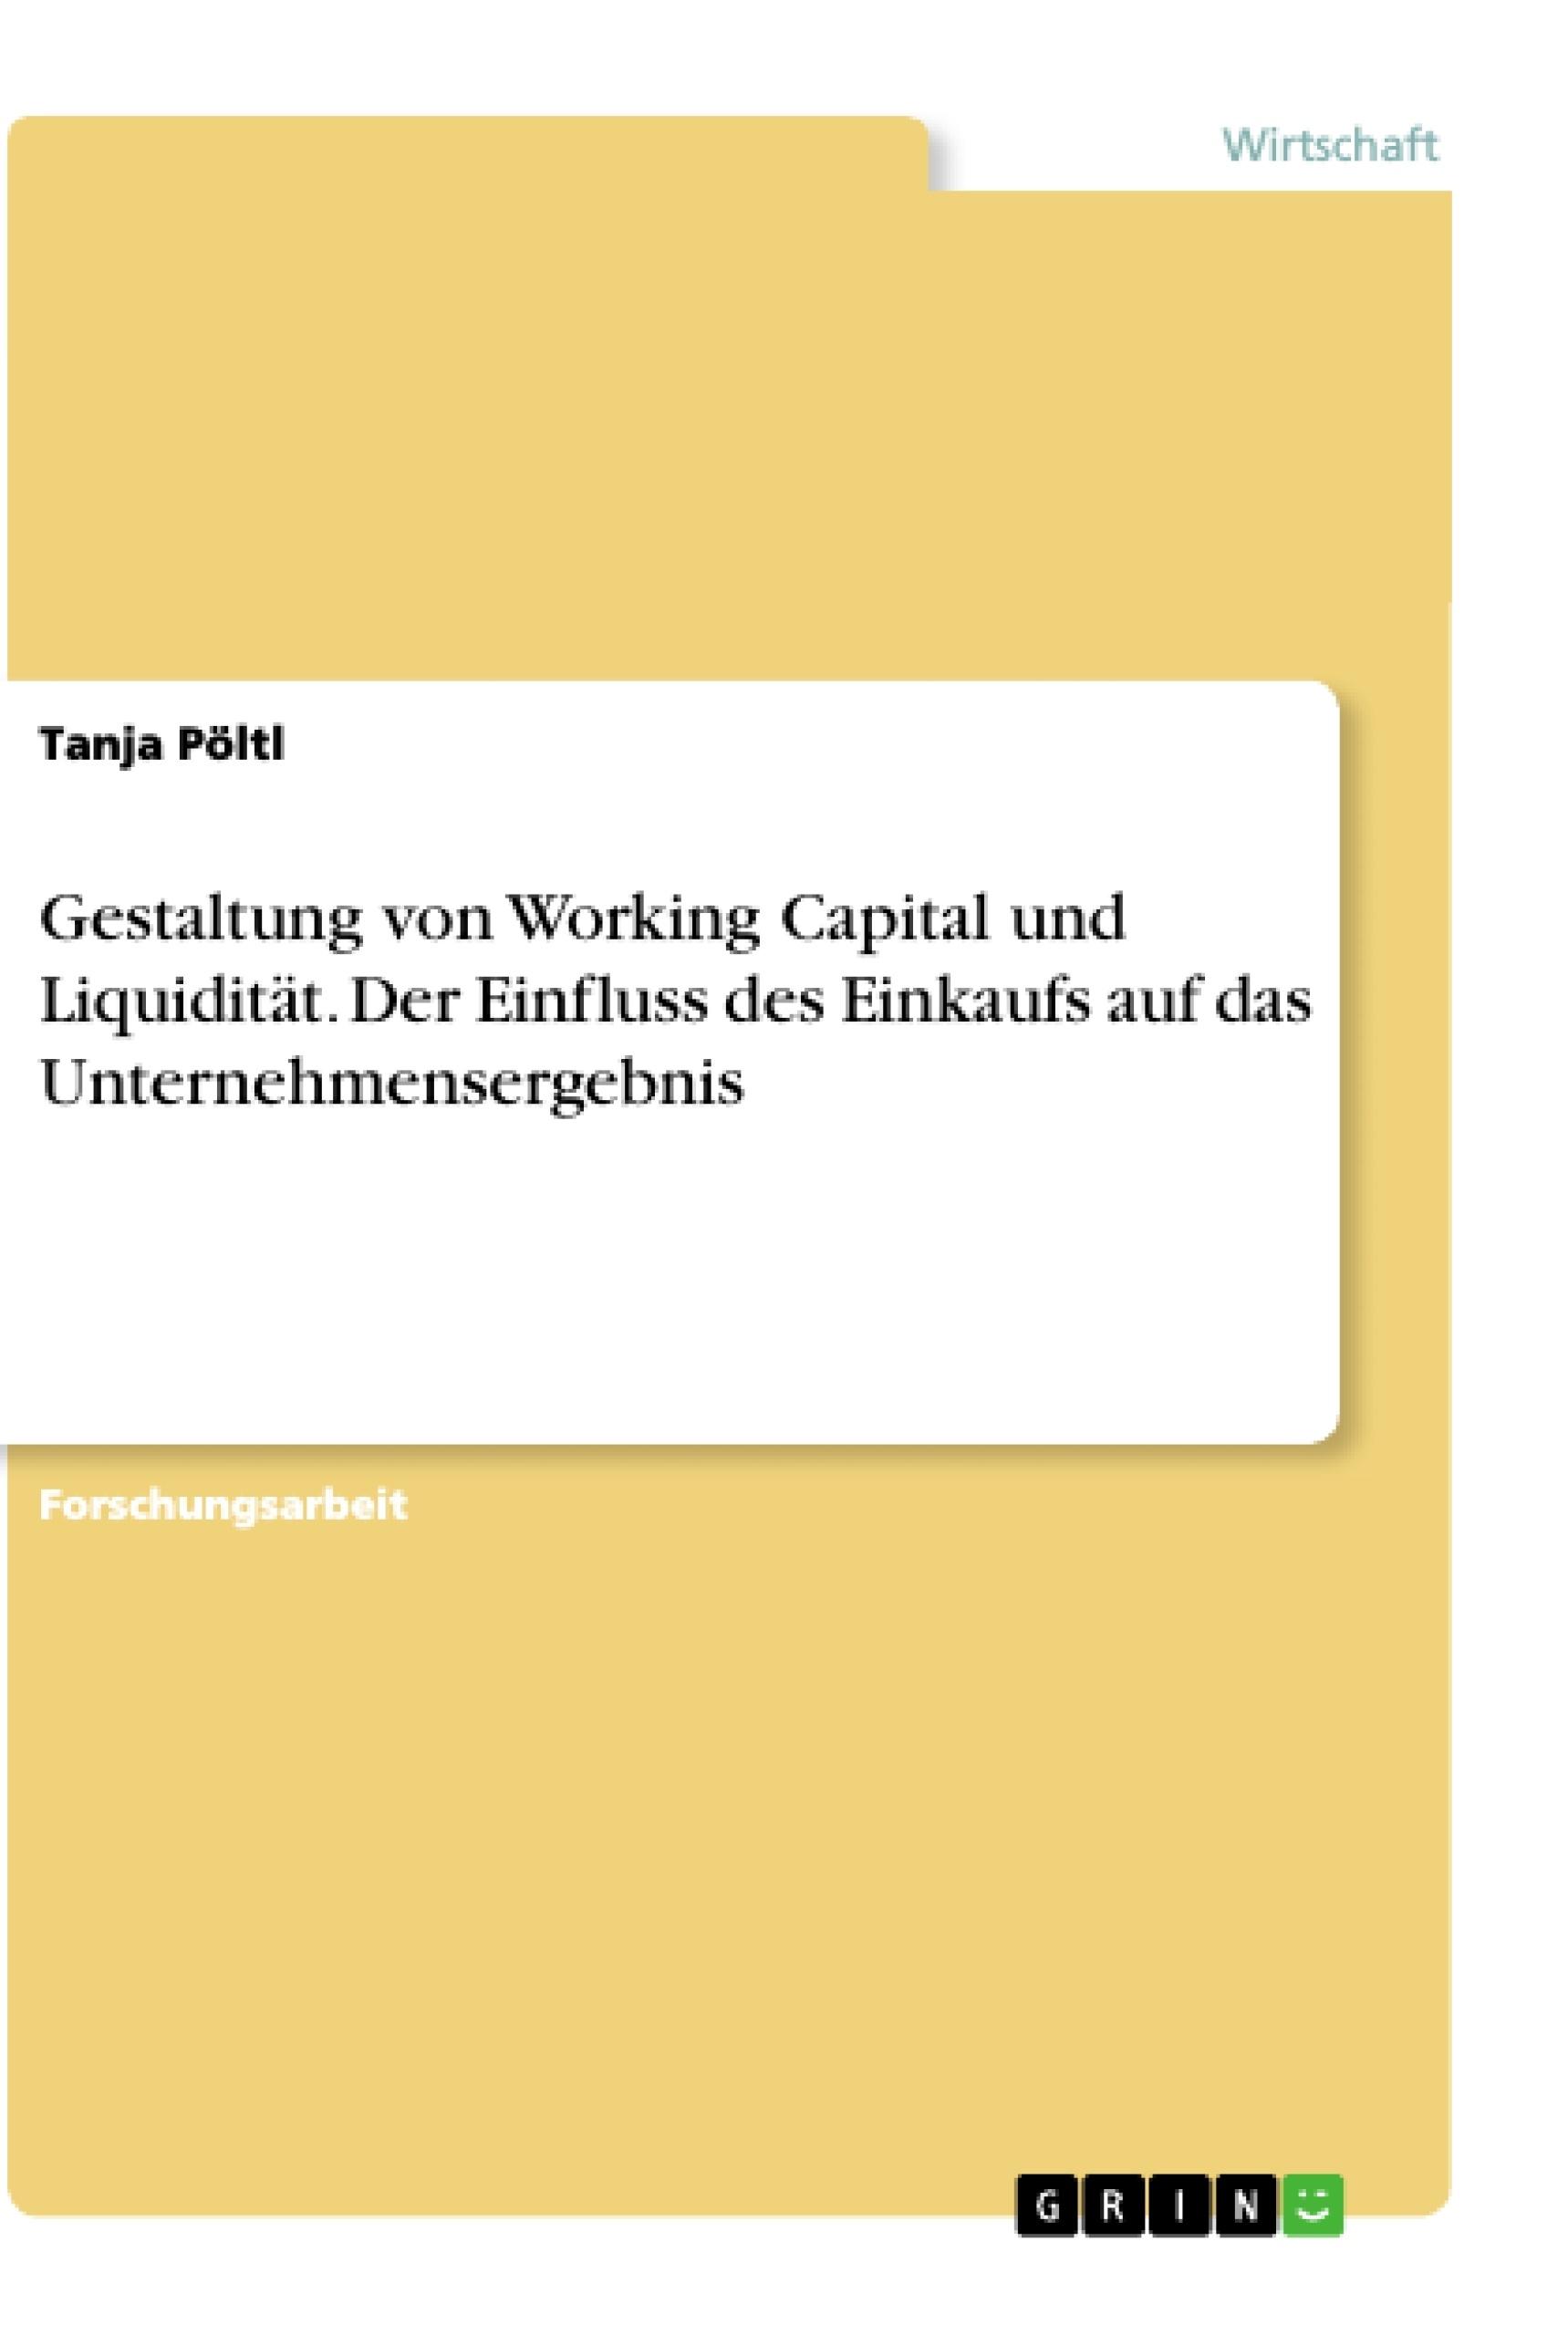 Titel: Gestaltung von Working Capital und Liquidität. Der Einfluss des Einkaufs auf das Unternehmensergebnis